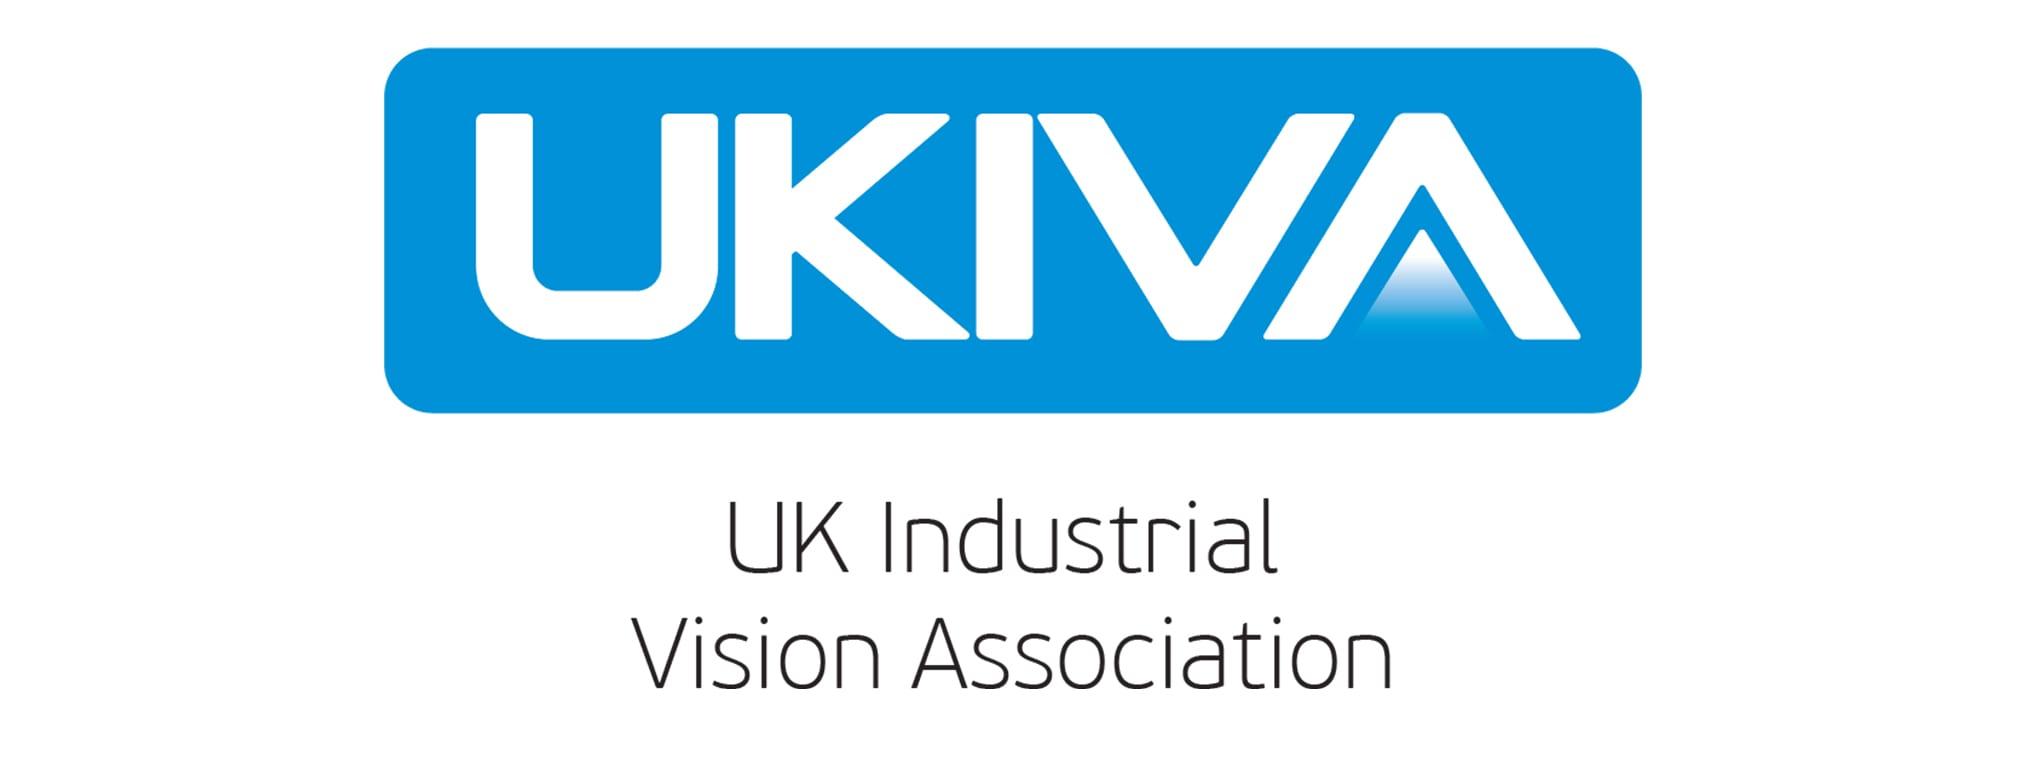 UKIVA-logo-2